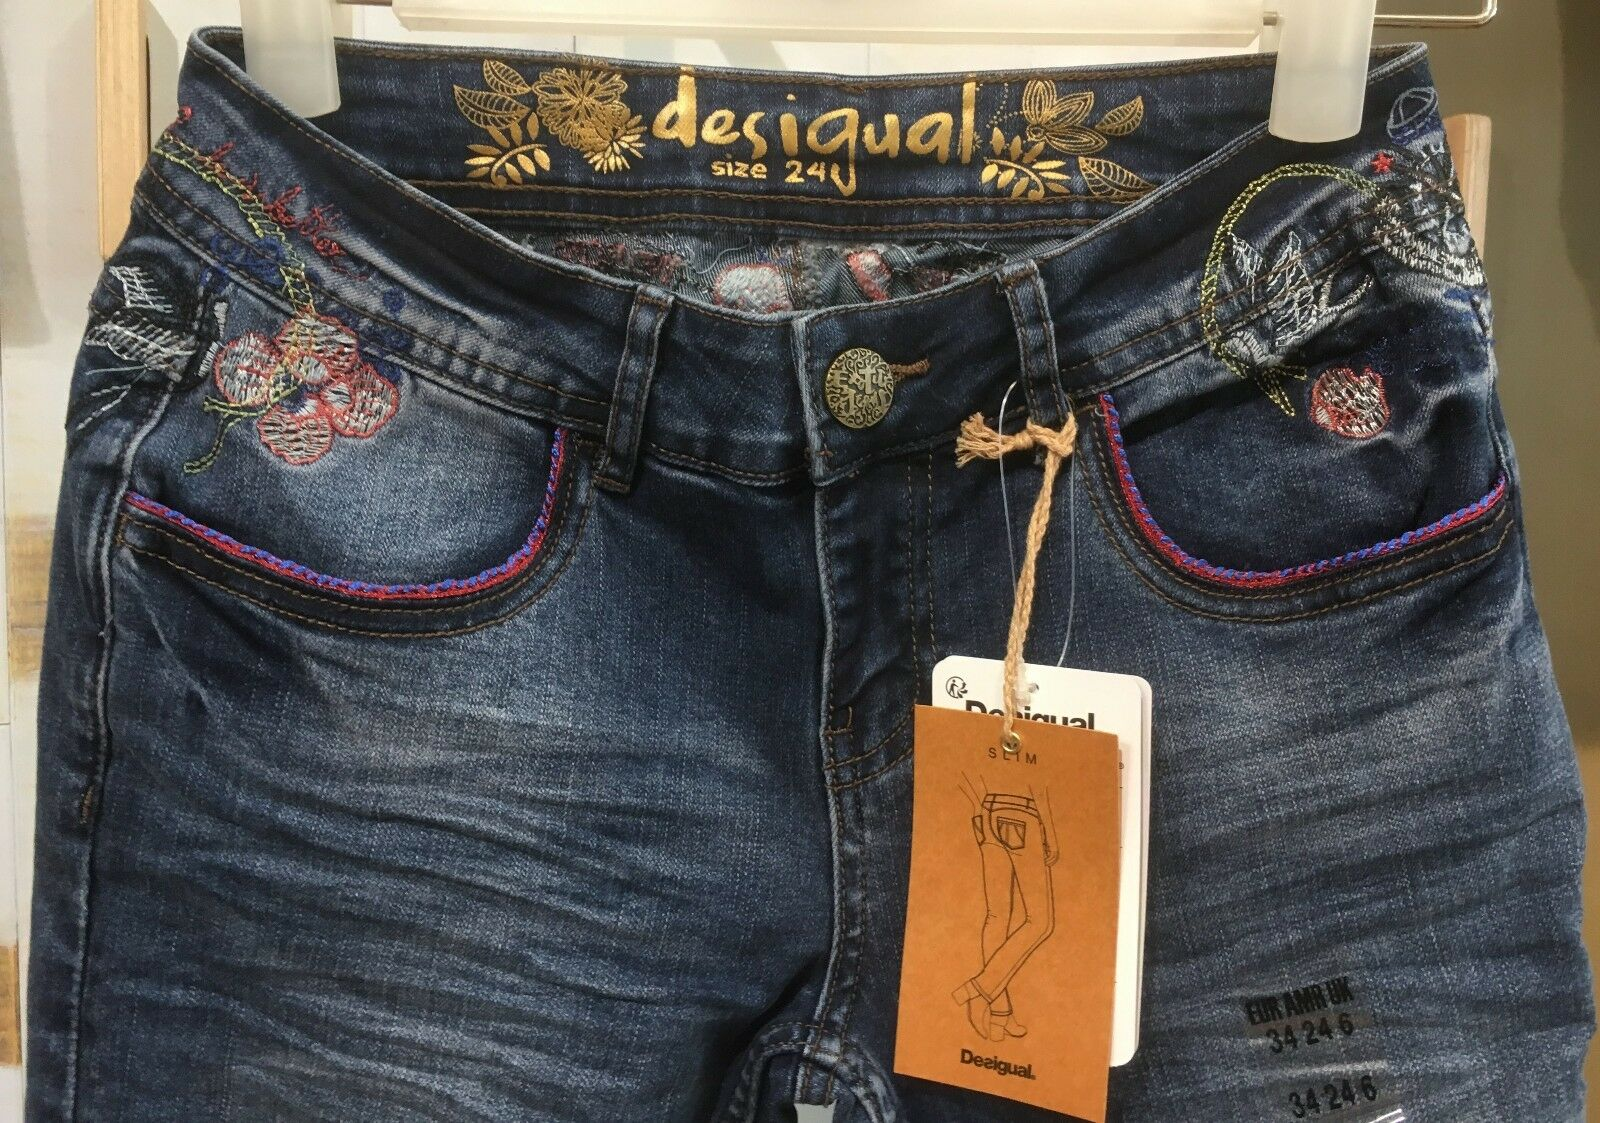 Desigual 18swdd44 as 2018 Jeans Denim Maite Jeans Vaquero gr. 24 BIS 34